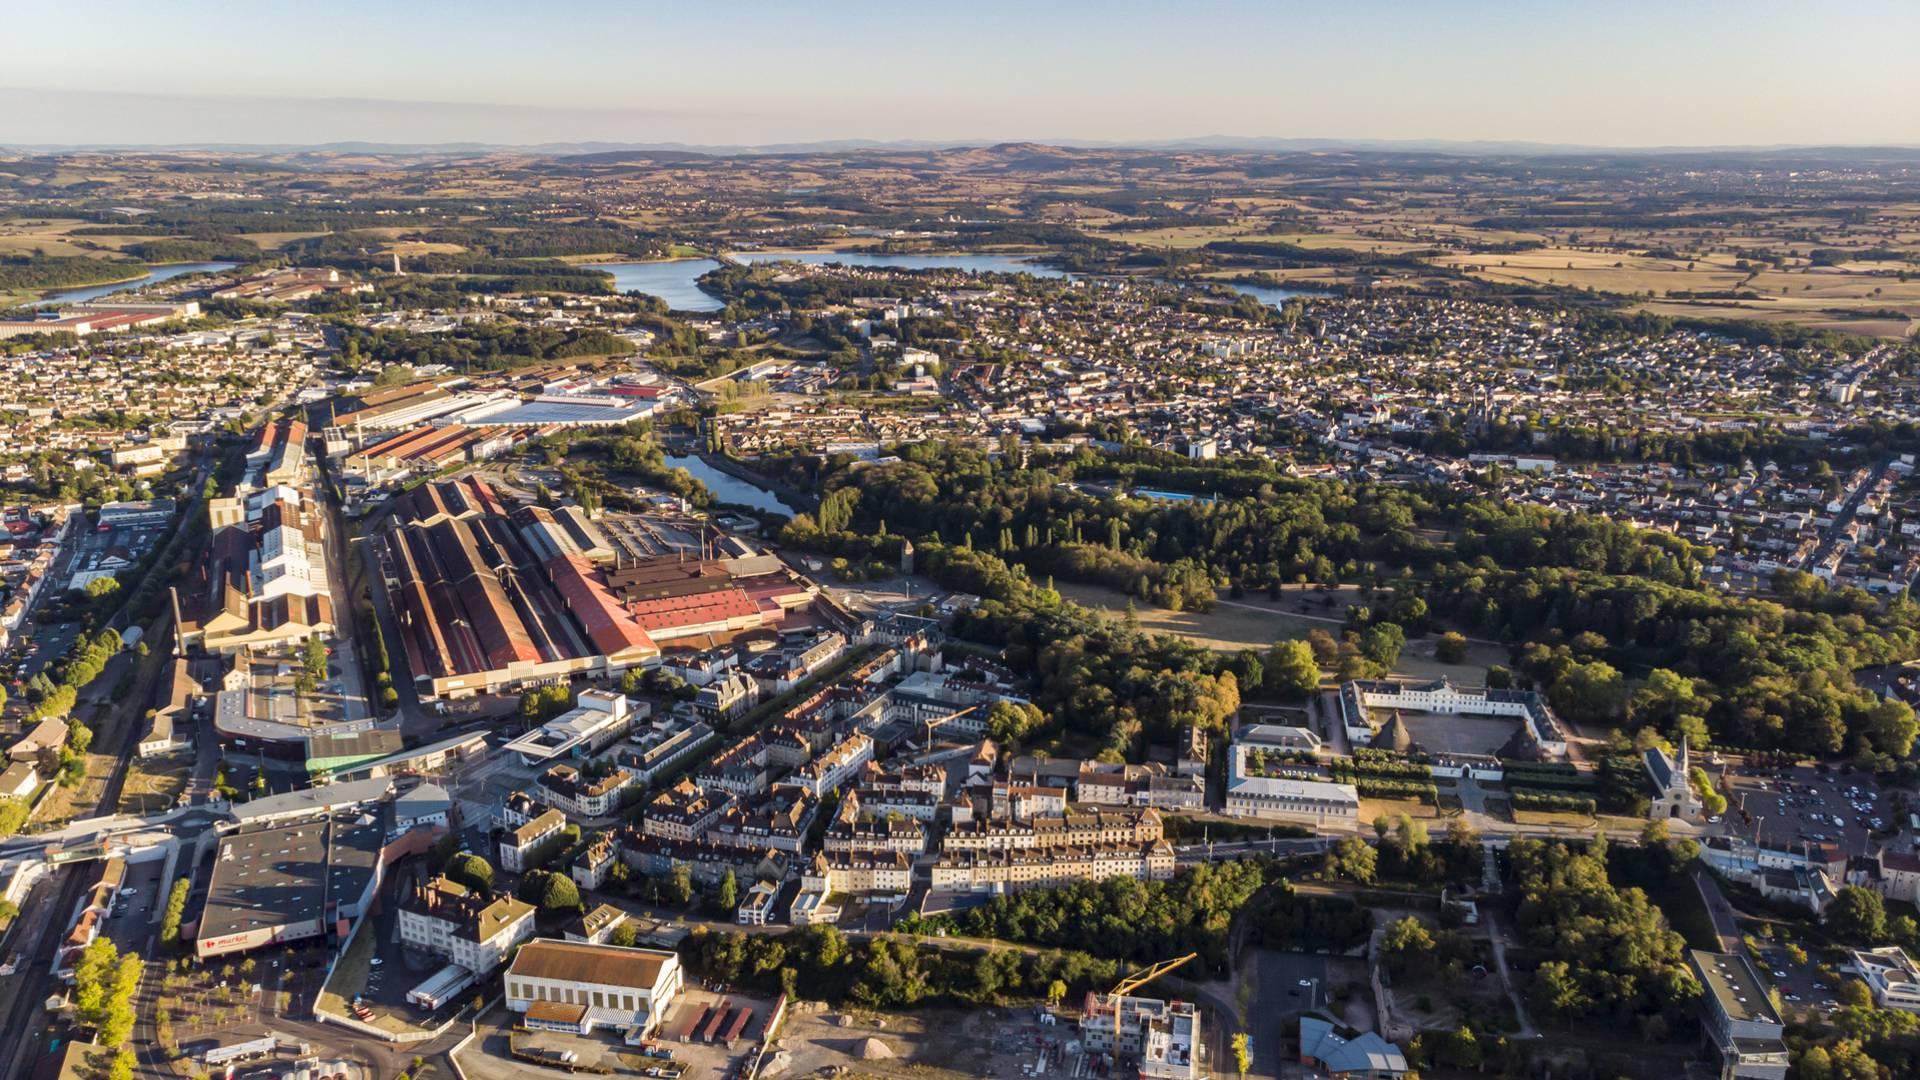 Laville du Creusot et son site industriel. © Lesley Williamson.